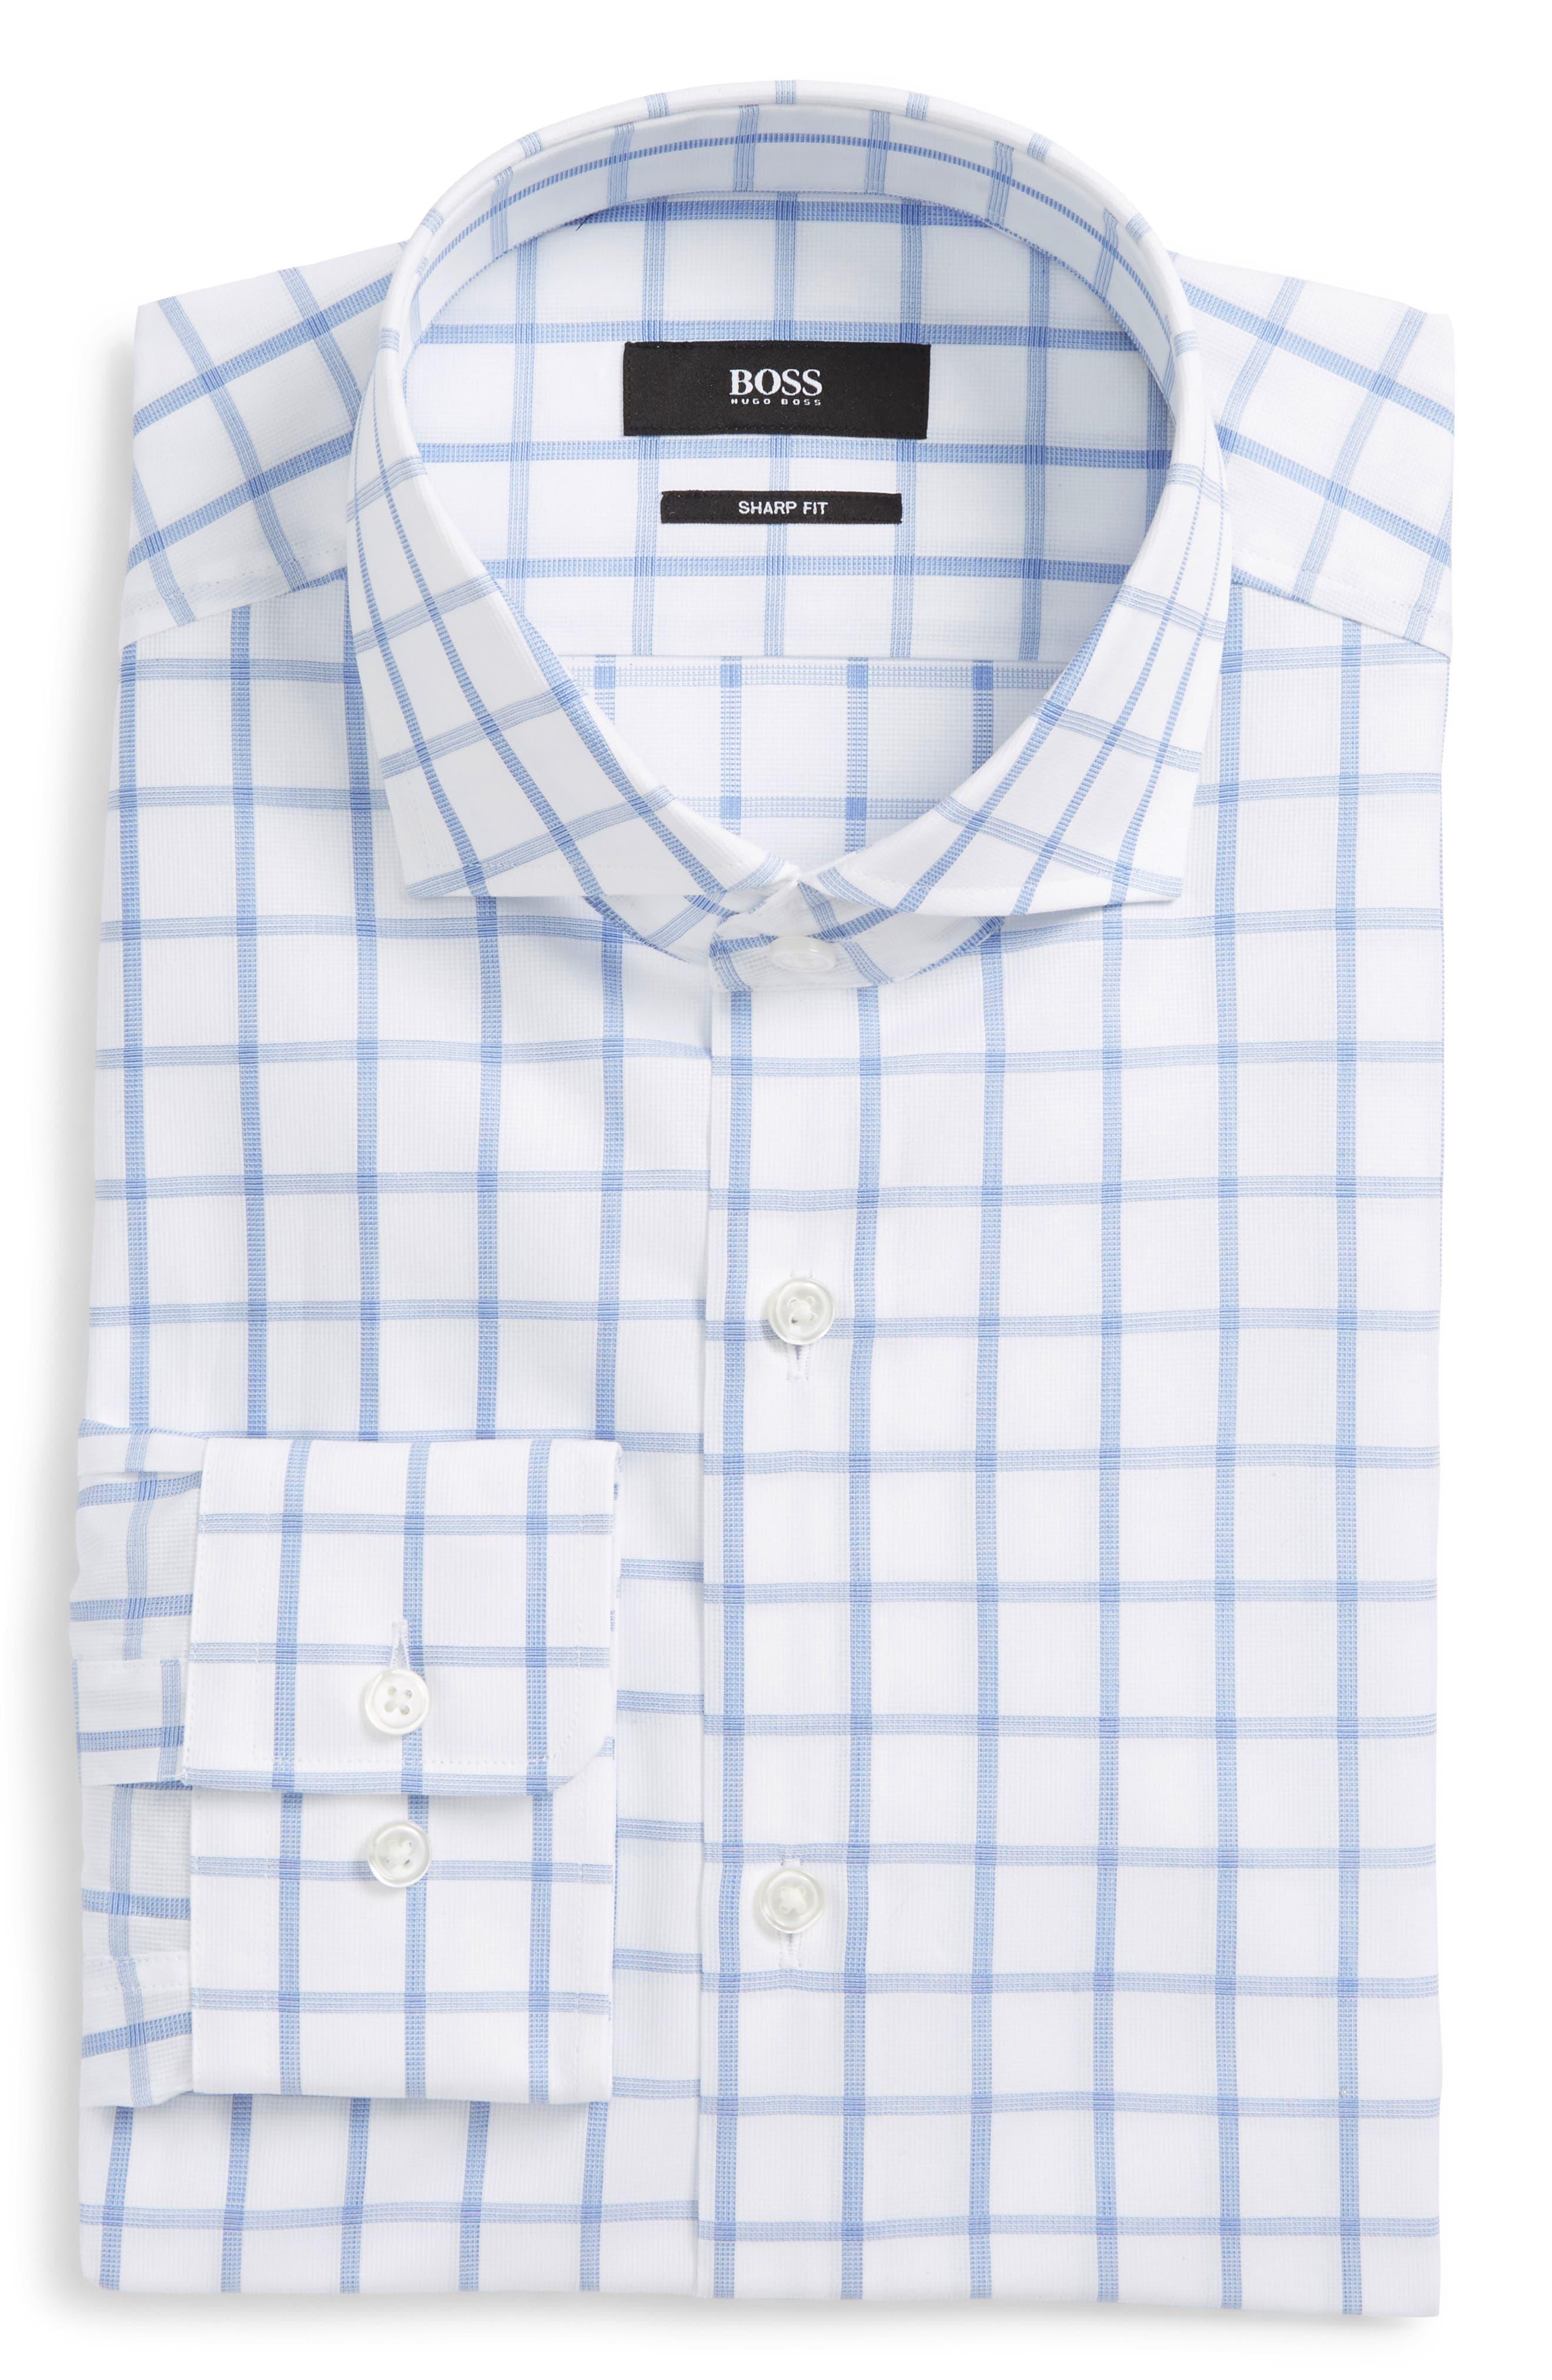 BOSS Mark Sharp Fit Grid Dress Shirt